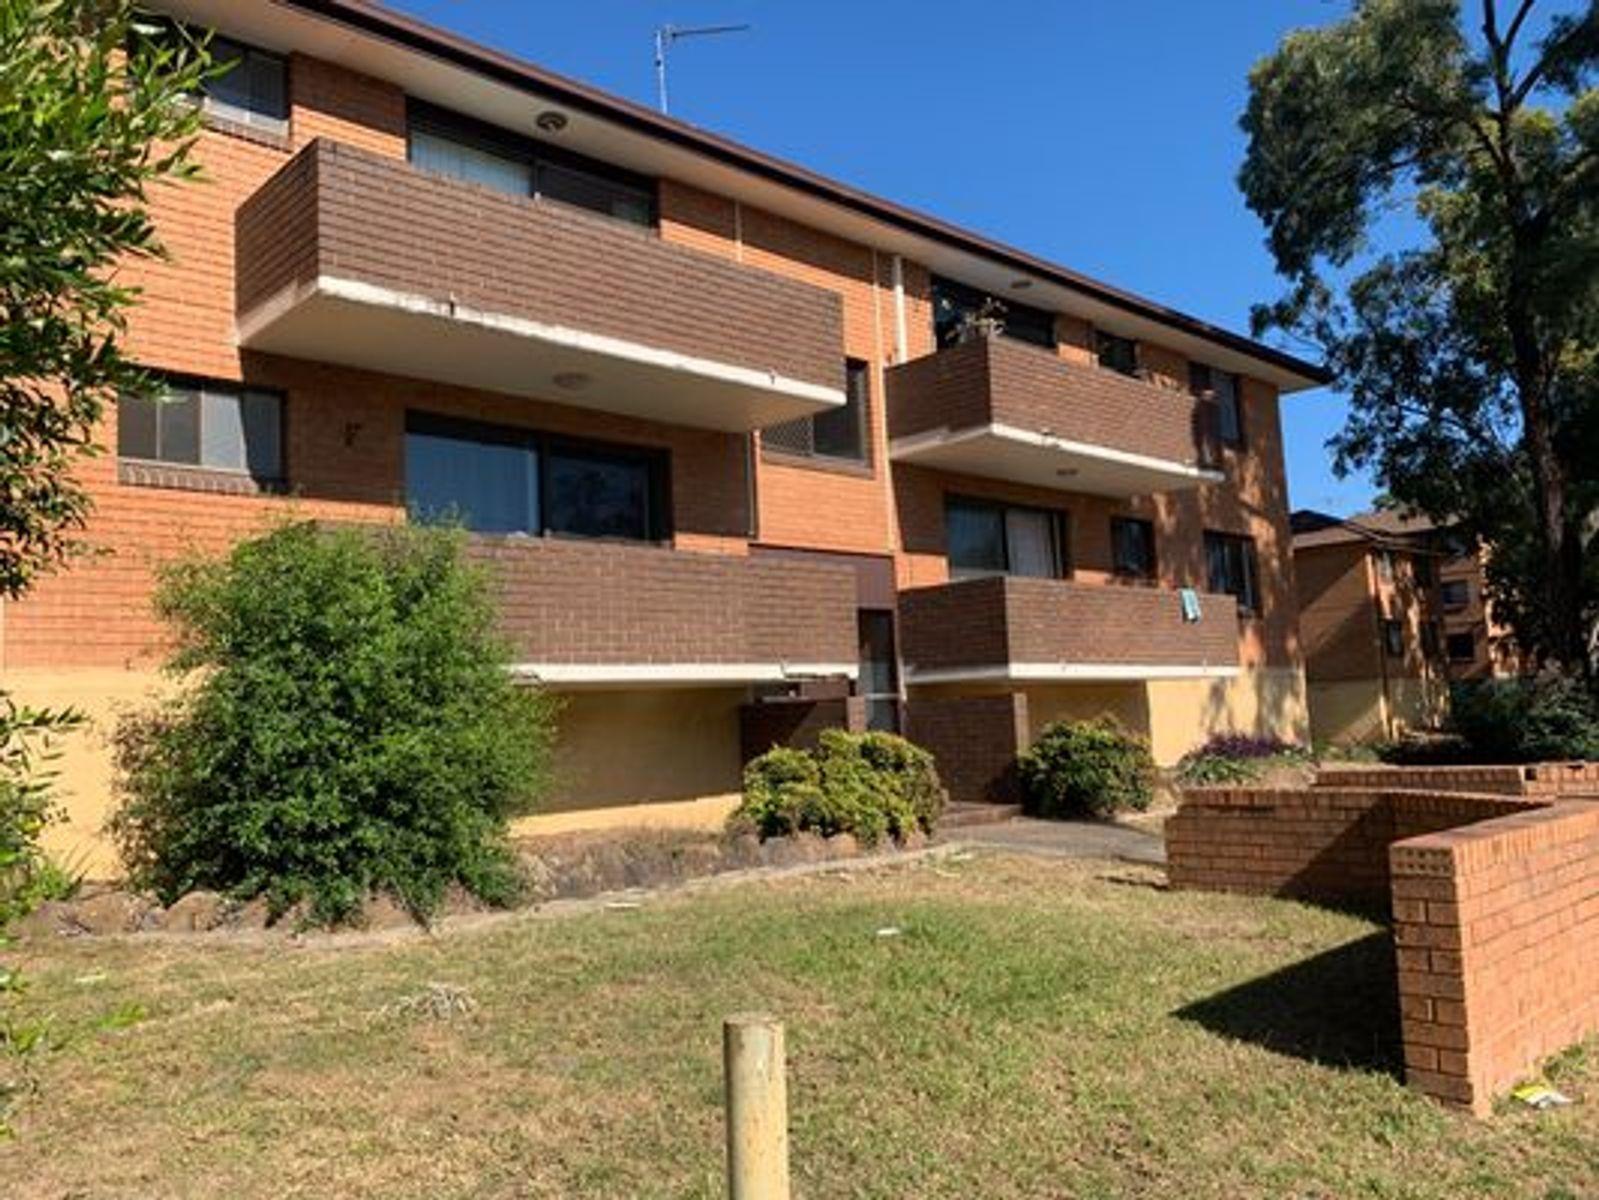 7/44-46 Putland Street, St Marys, NSW 2760